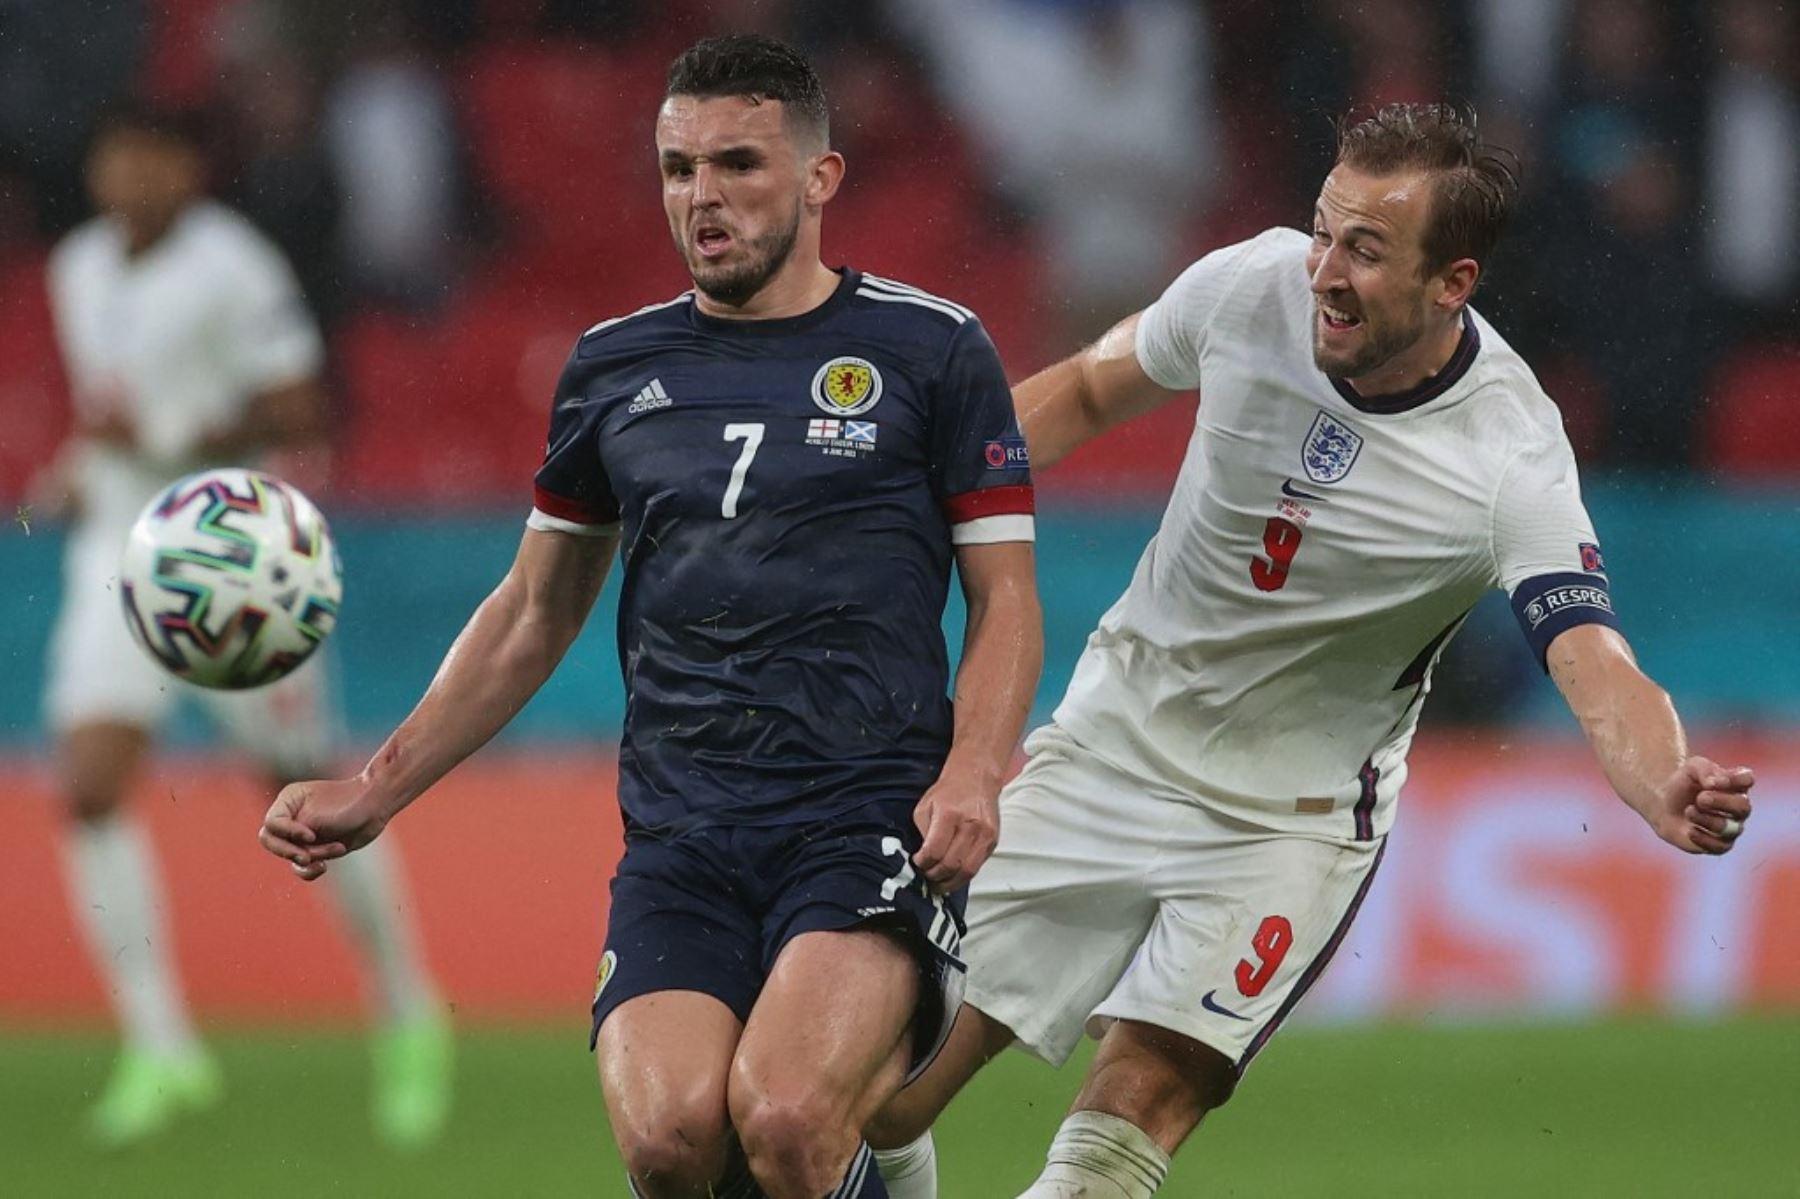 El mediocampista escocés John McGinn (izq.) Pelea por el balón con el delantero inglés Harry Kane durante el partido de fútbol del Grupo D de la UEFA EURO 2020 entre Inglaterra y Escocia en el estadio de Wembley en Londres el 18 de junio de 2021. Foto: AFP